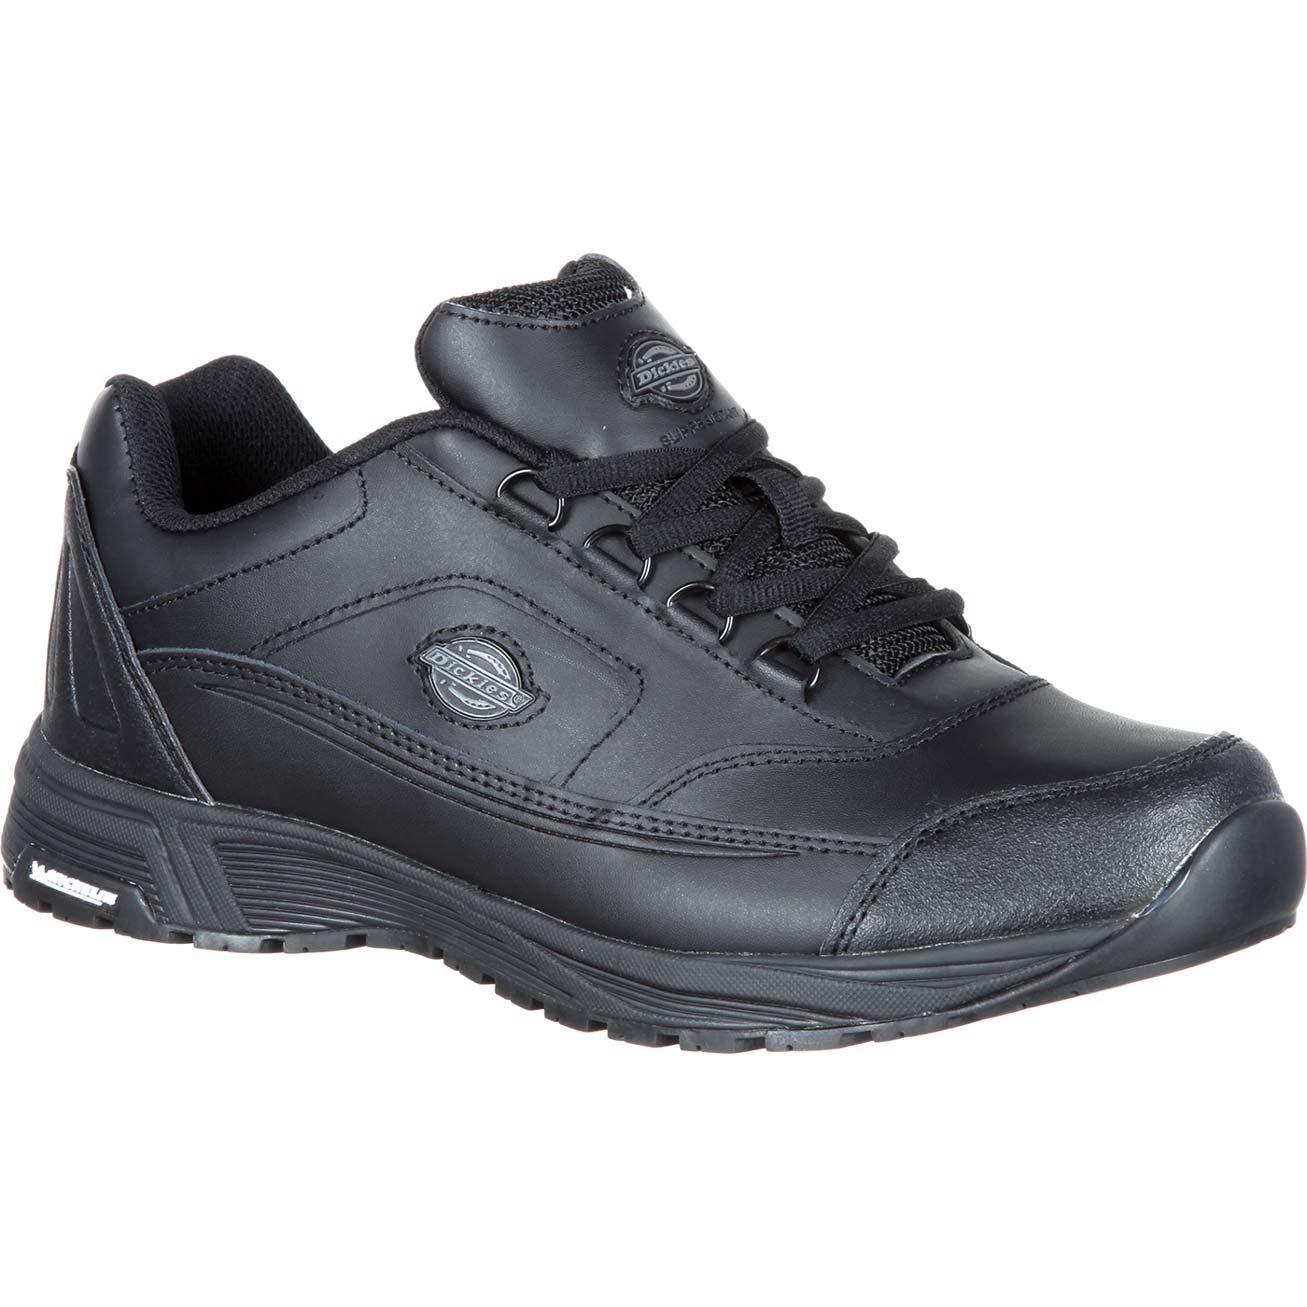 c31919af0782 Dickies Charge Slip-Resistant Work ShoeDickies Charge Slip-Resistant Work  Shoe